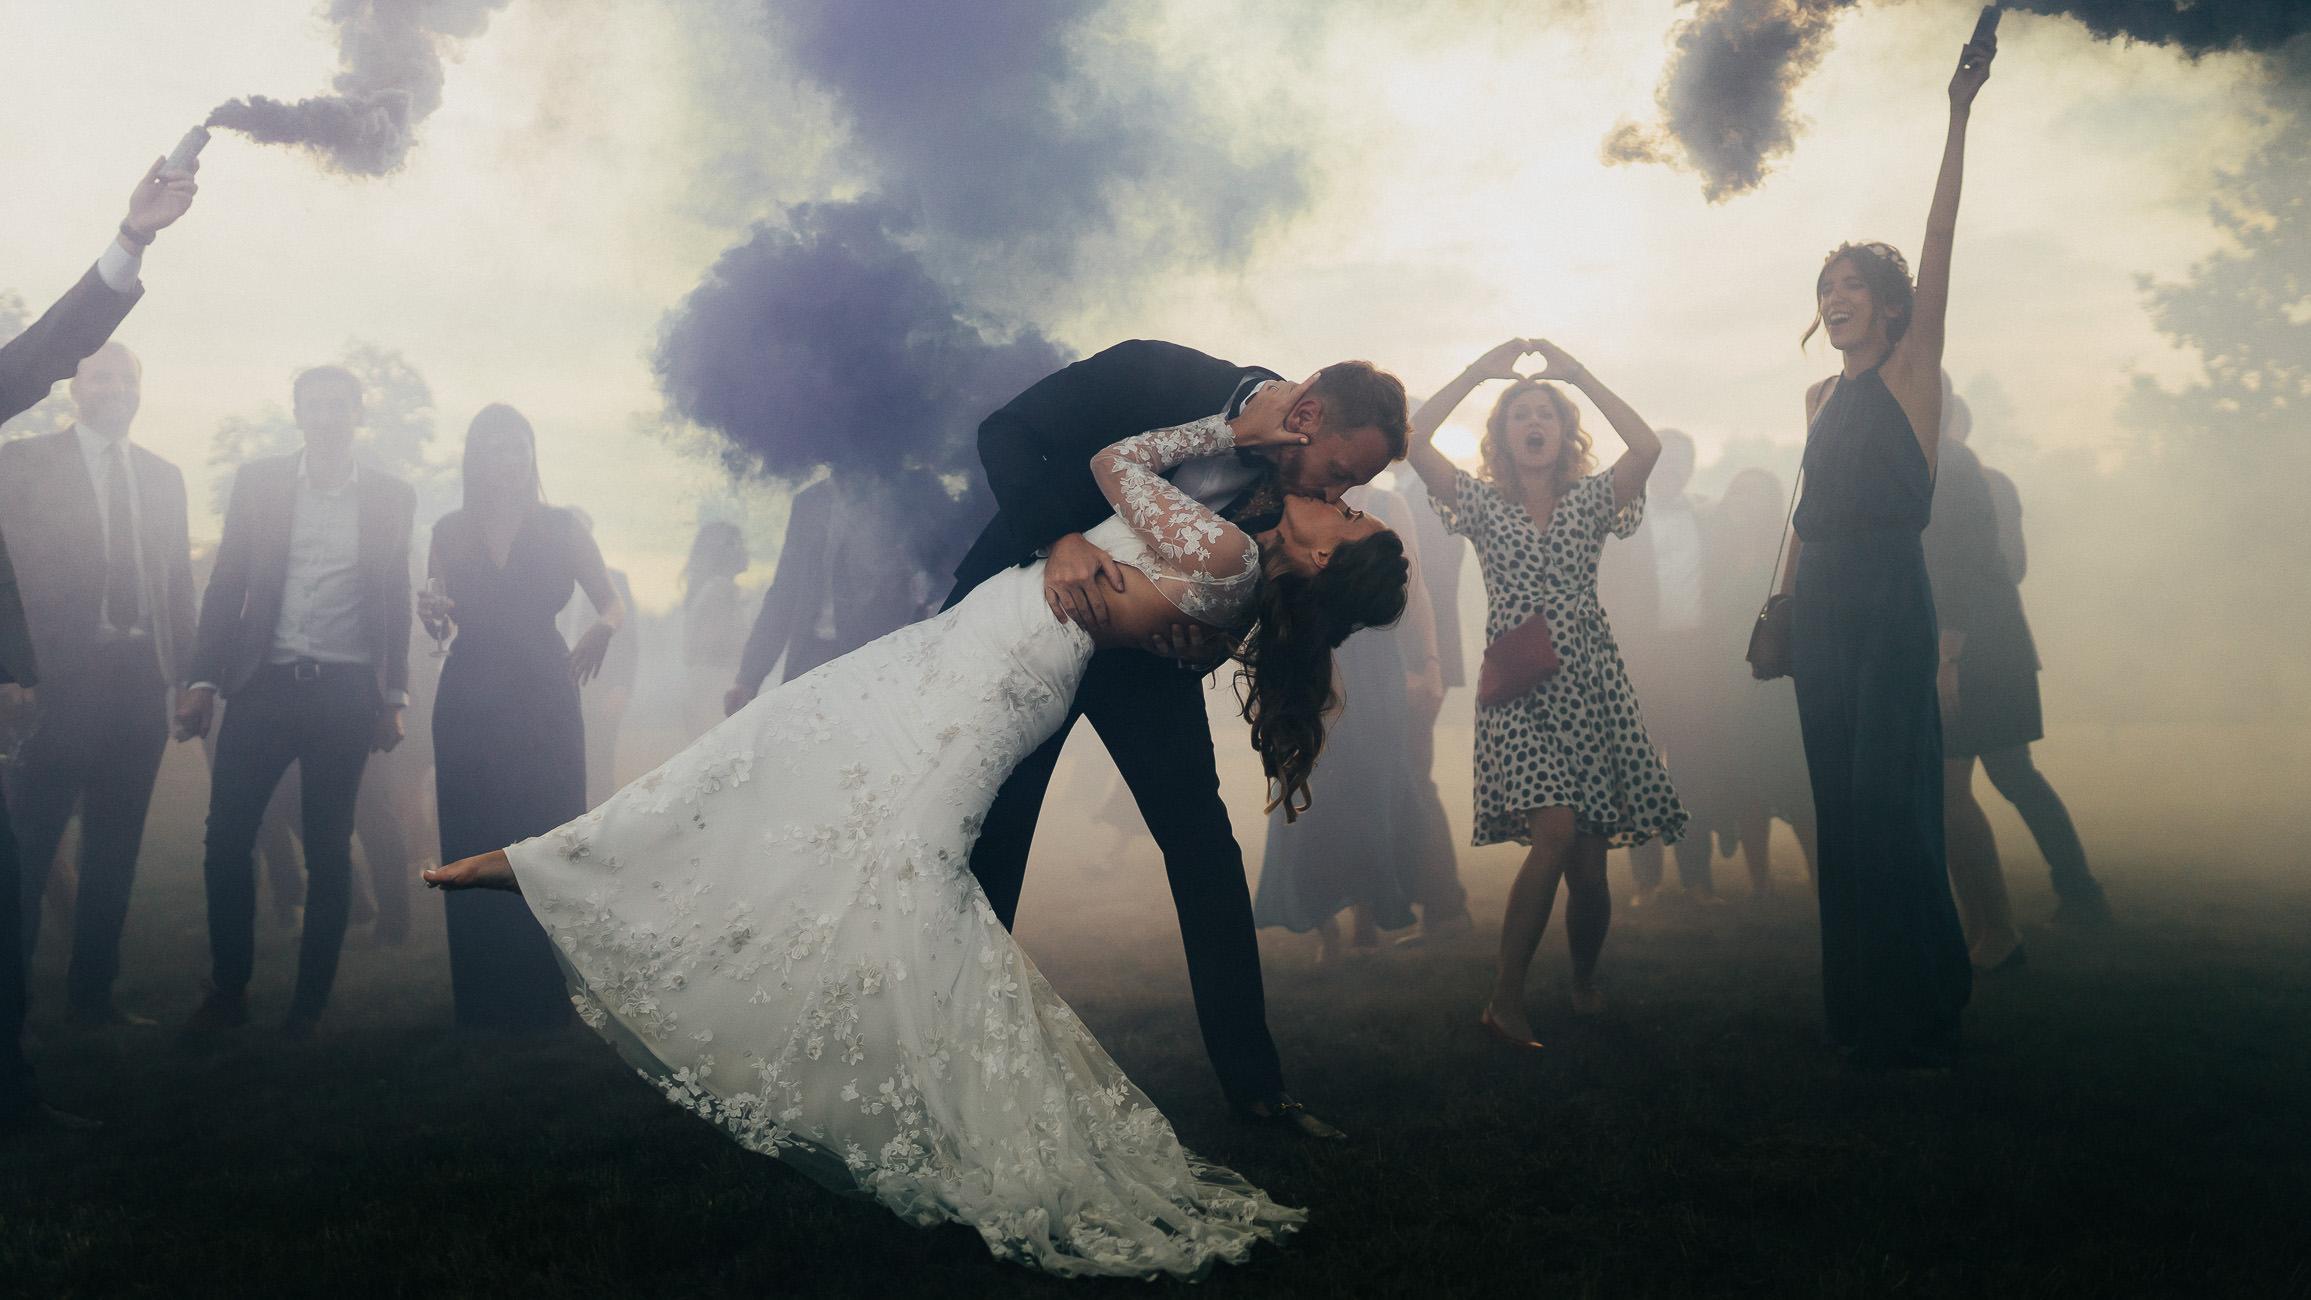 photo de groupe pendant le cocktail du mariage avec fumigènes par samantha guillon photographe mariage et elopements en ile de france